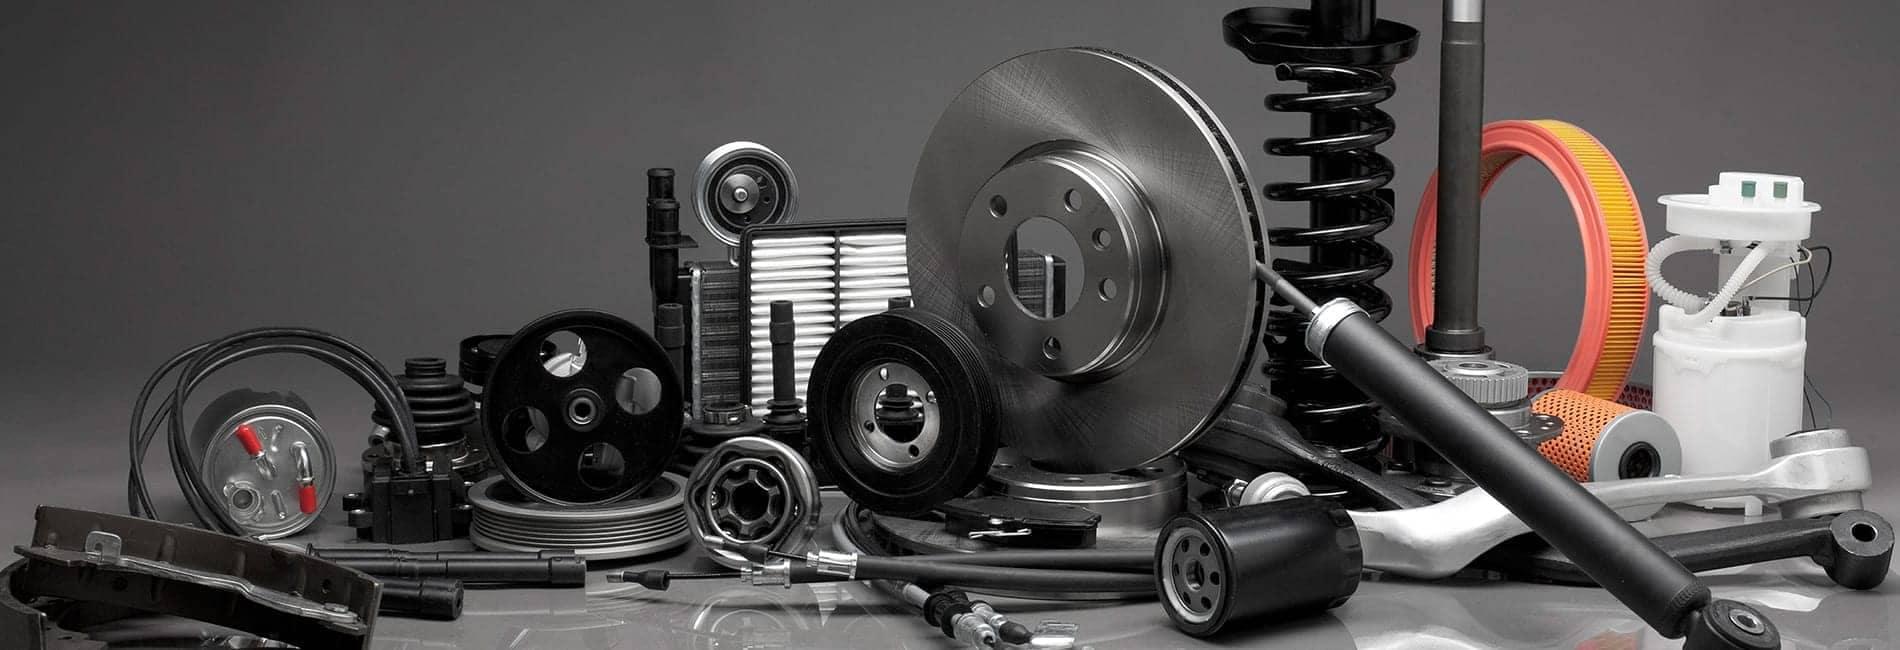 Car parts displayed